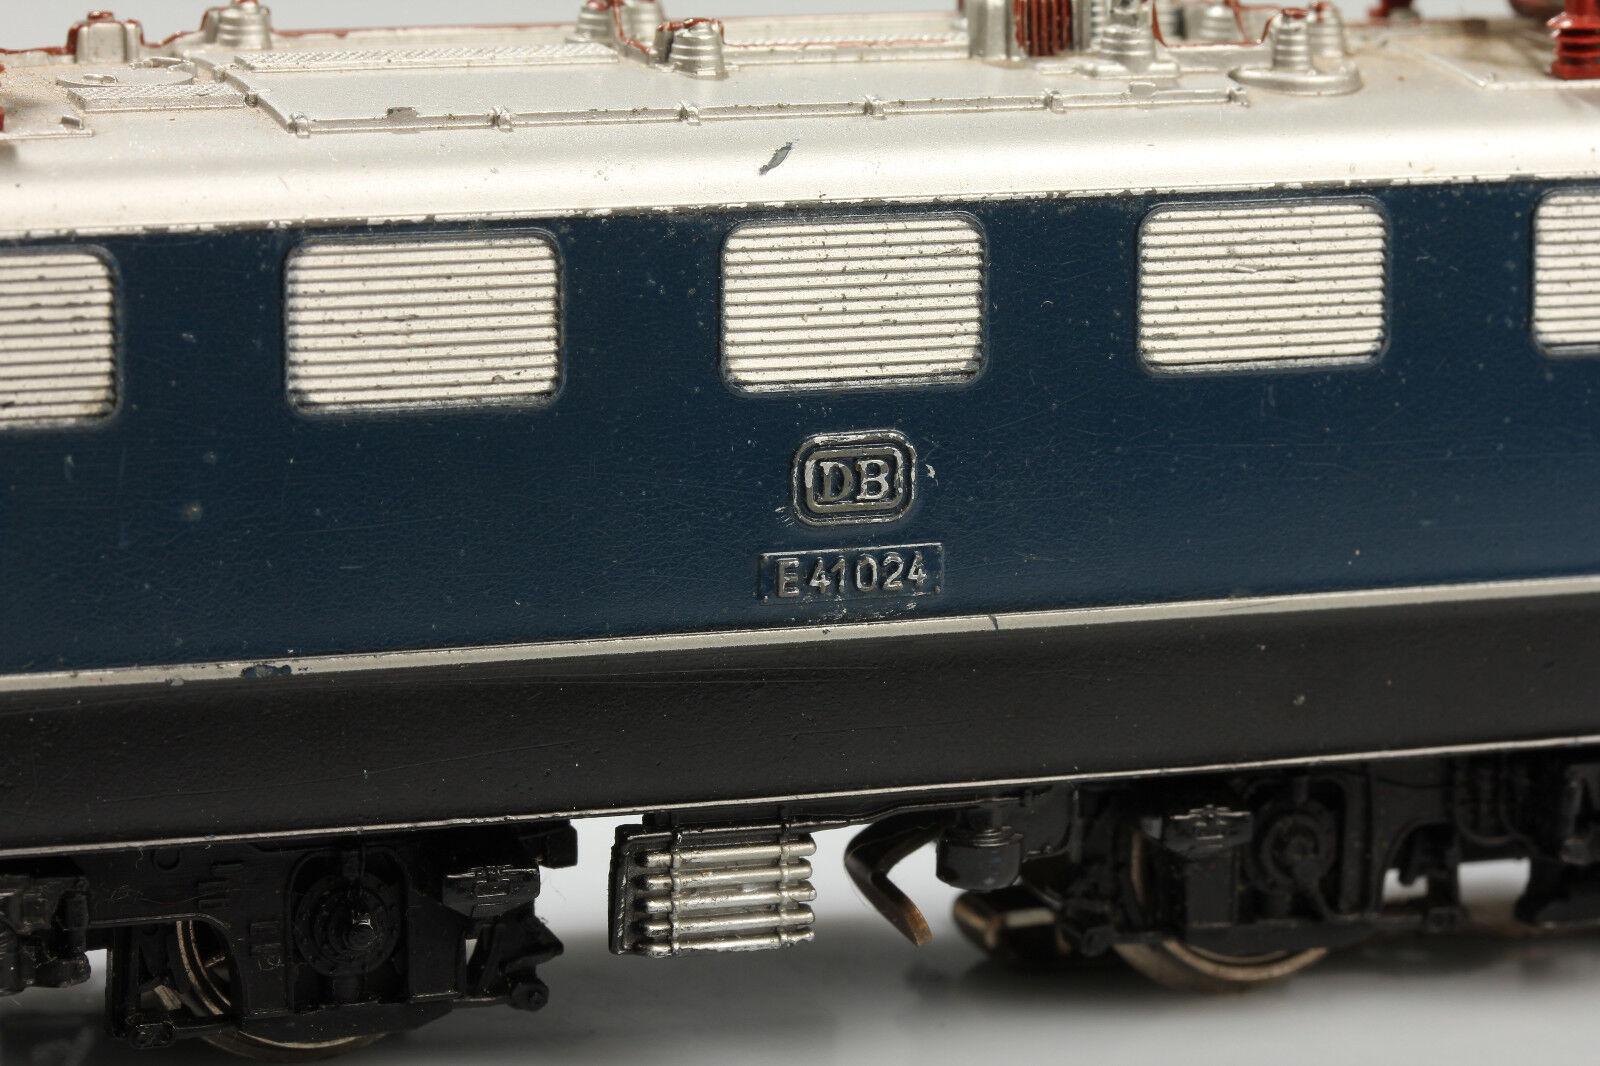 Marklin Marklin Marklin h0 classica bella 3034 DB e41 024 in corso vedere video sporco GRAFFI b780ab